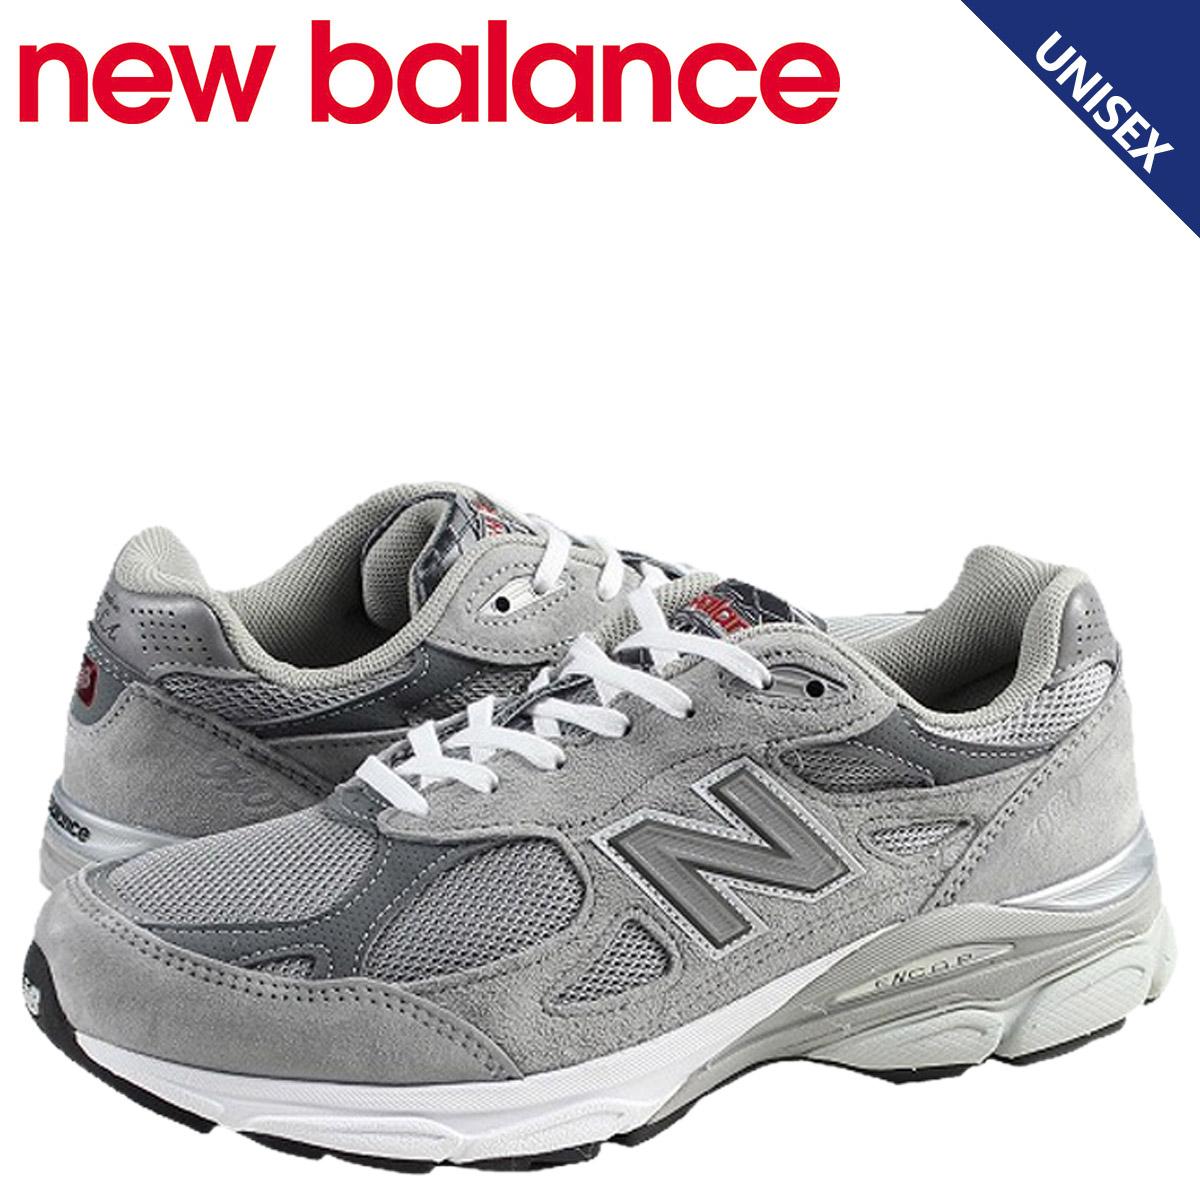 女子的男子的新平衡new balance W990GL3 Made in USA运动鞋B怀斯反毛皮革×メッシュスウェード